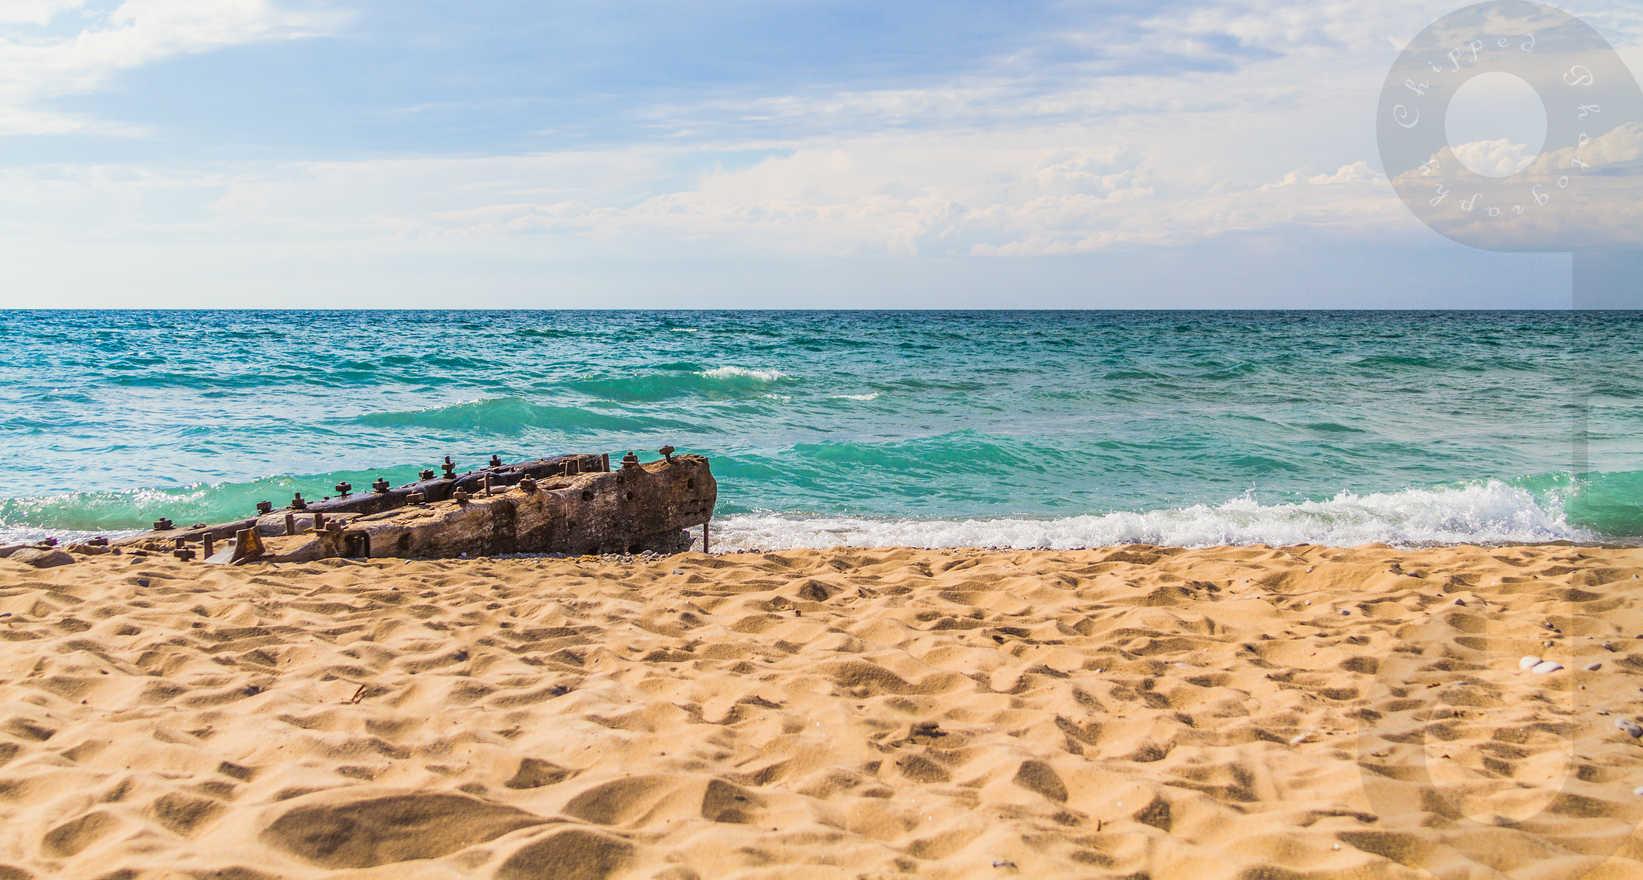 Sandy Beach Wood_WM1.jpg